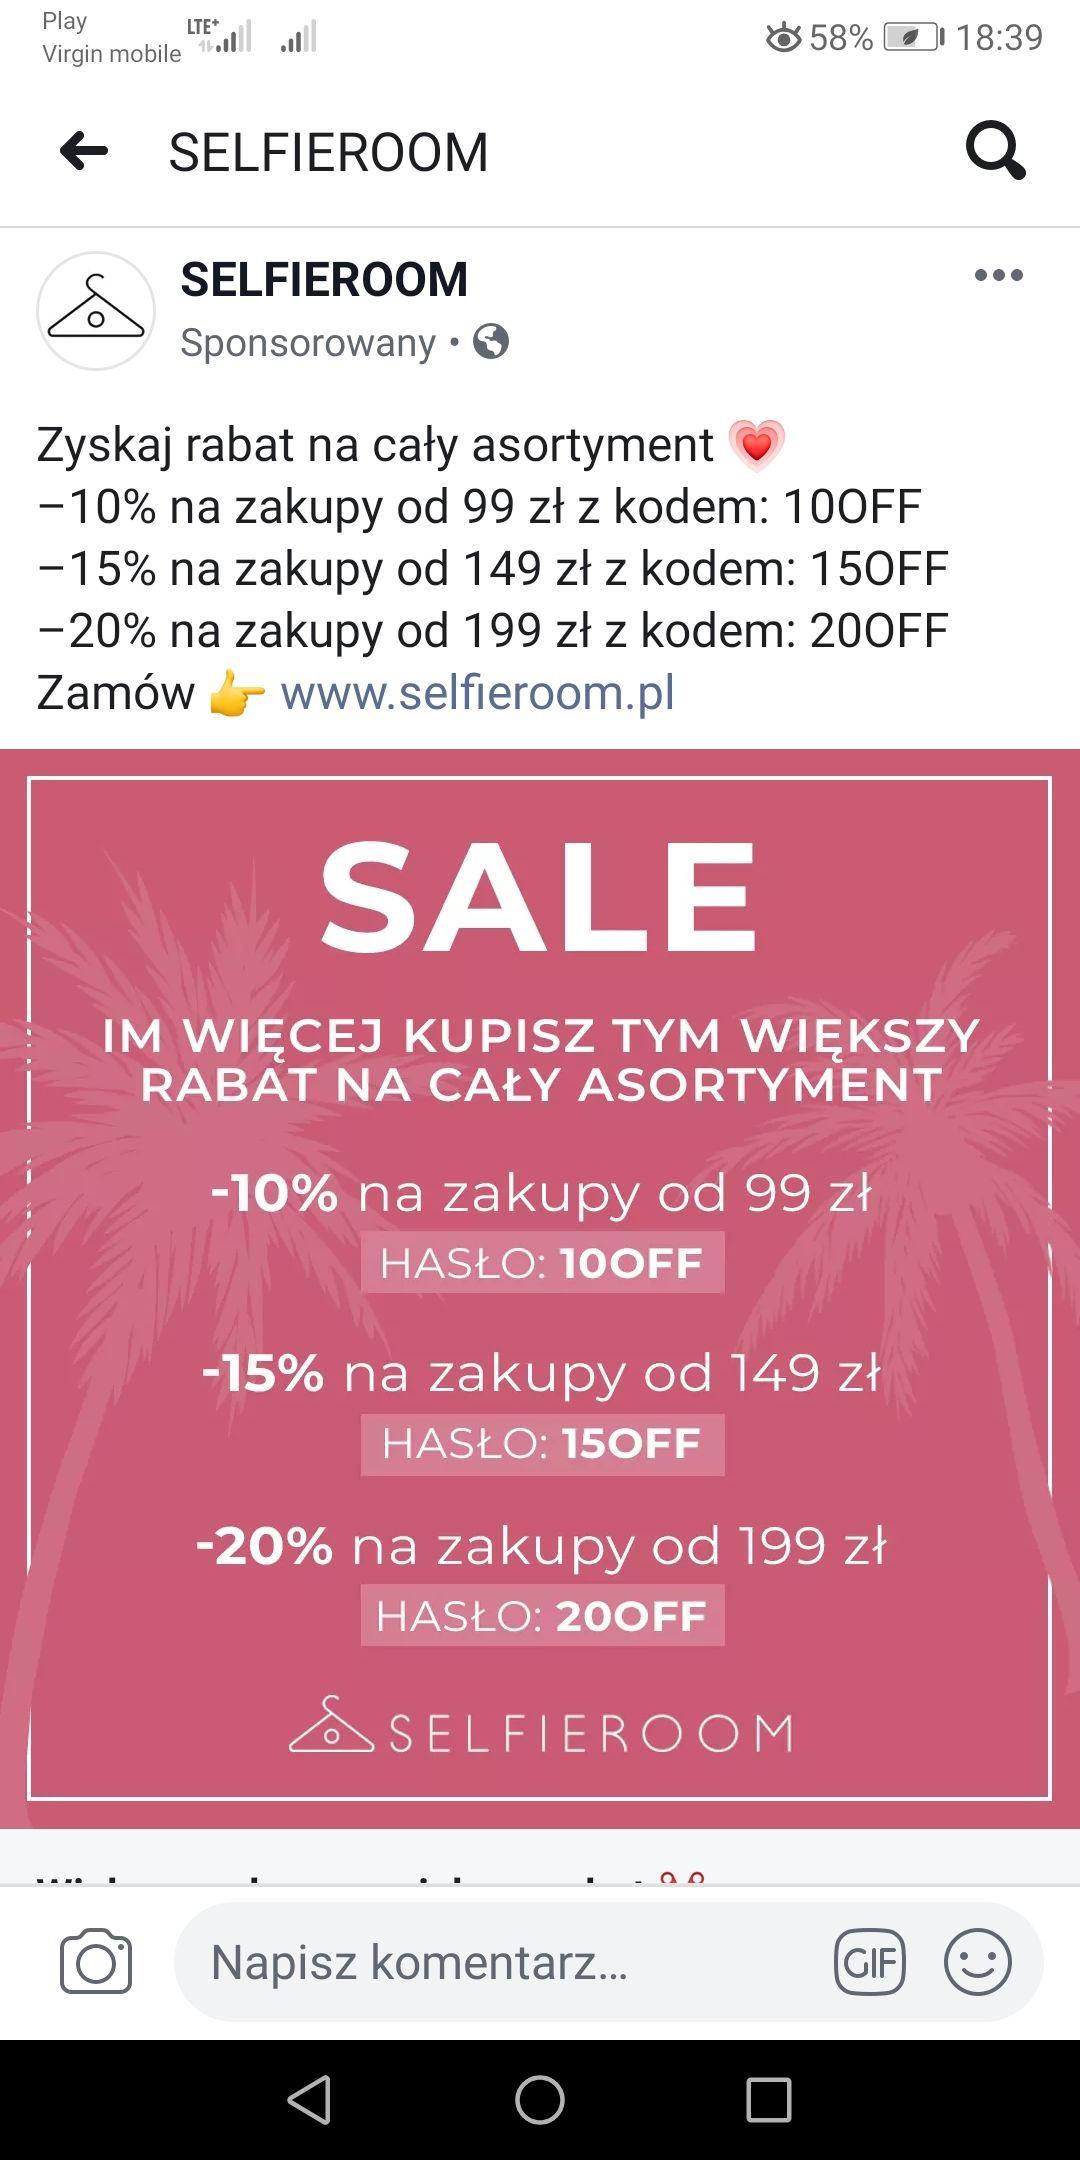 Selfieroom - sklep z damska odzieżą - 10%, - 15%, - 20%